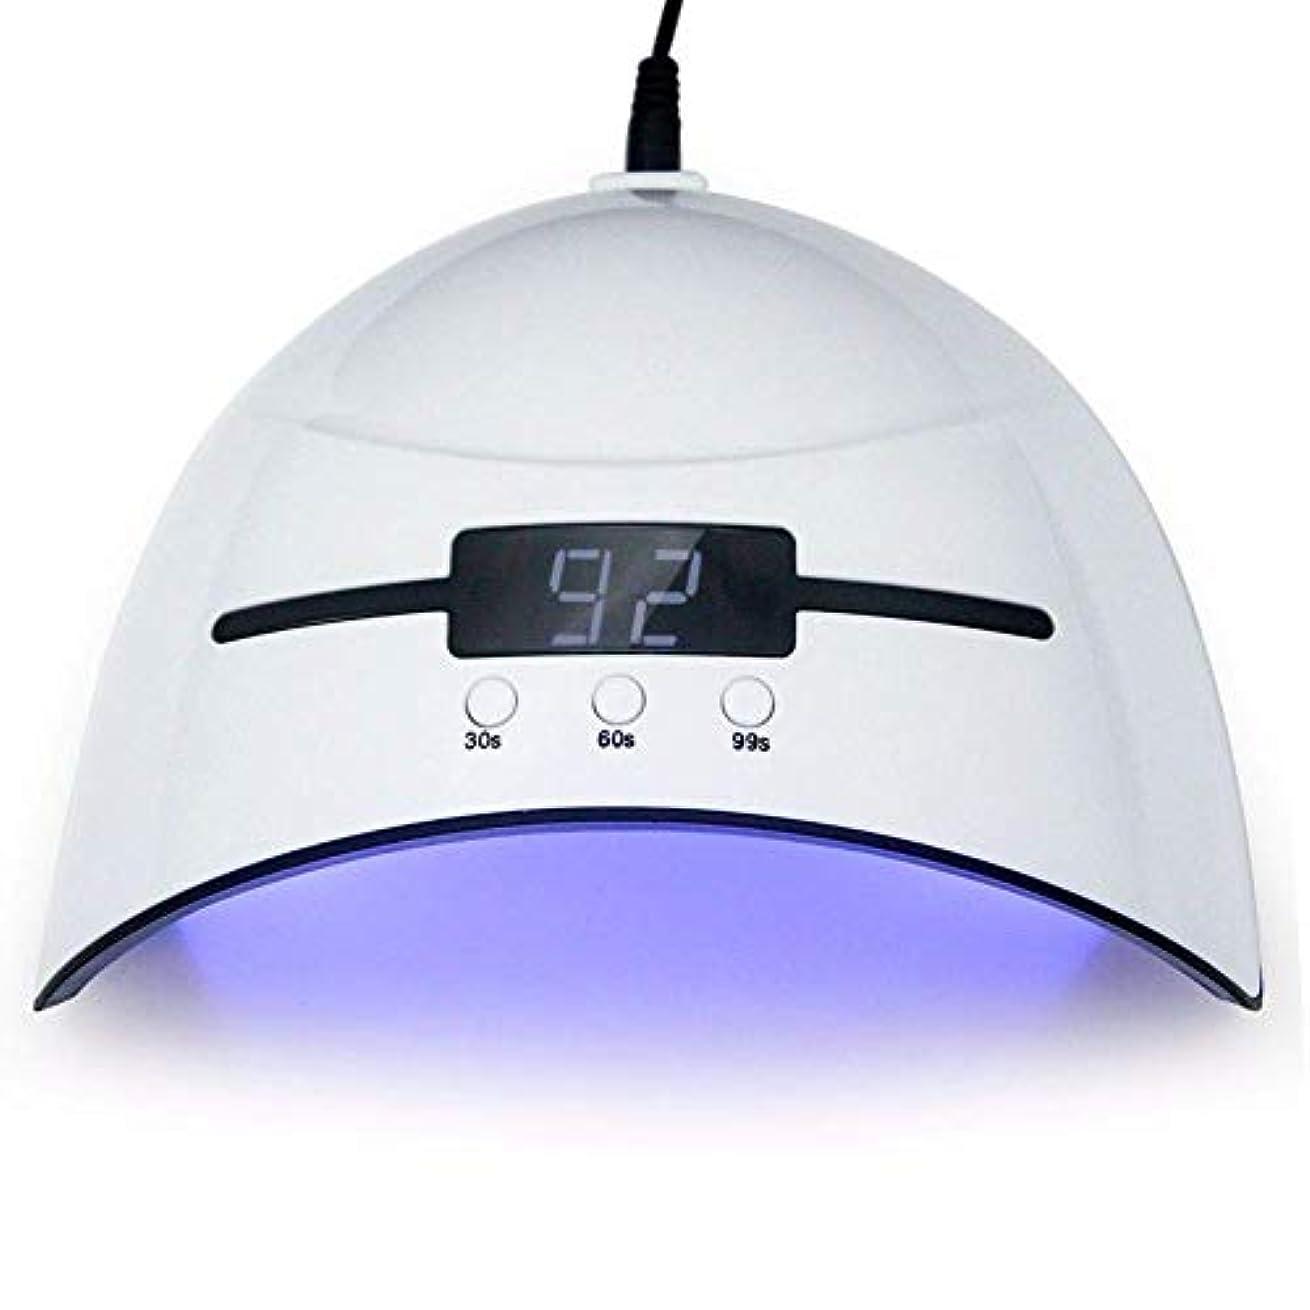 半円コンパス残忍なネイルドライヤー36WネイルドライヤーLED UVランプマイクロUSBネイルランプ用硬化LEDジェルビルダー3タイミングモード自動センサー付きネイルドライヤー、写真の色